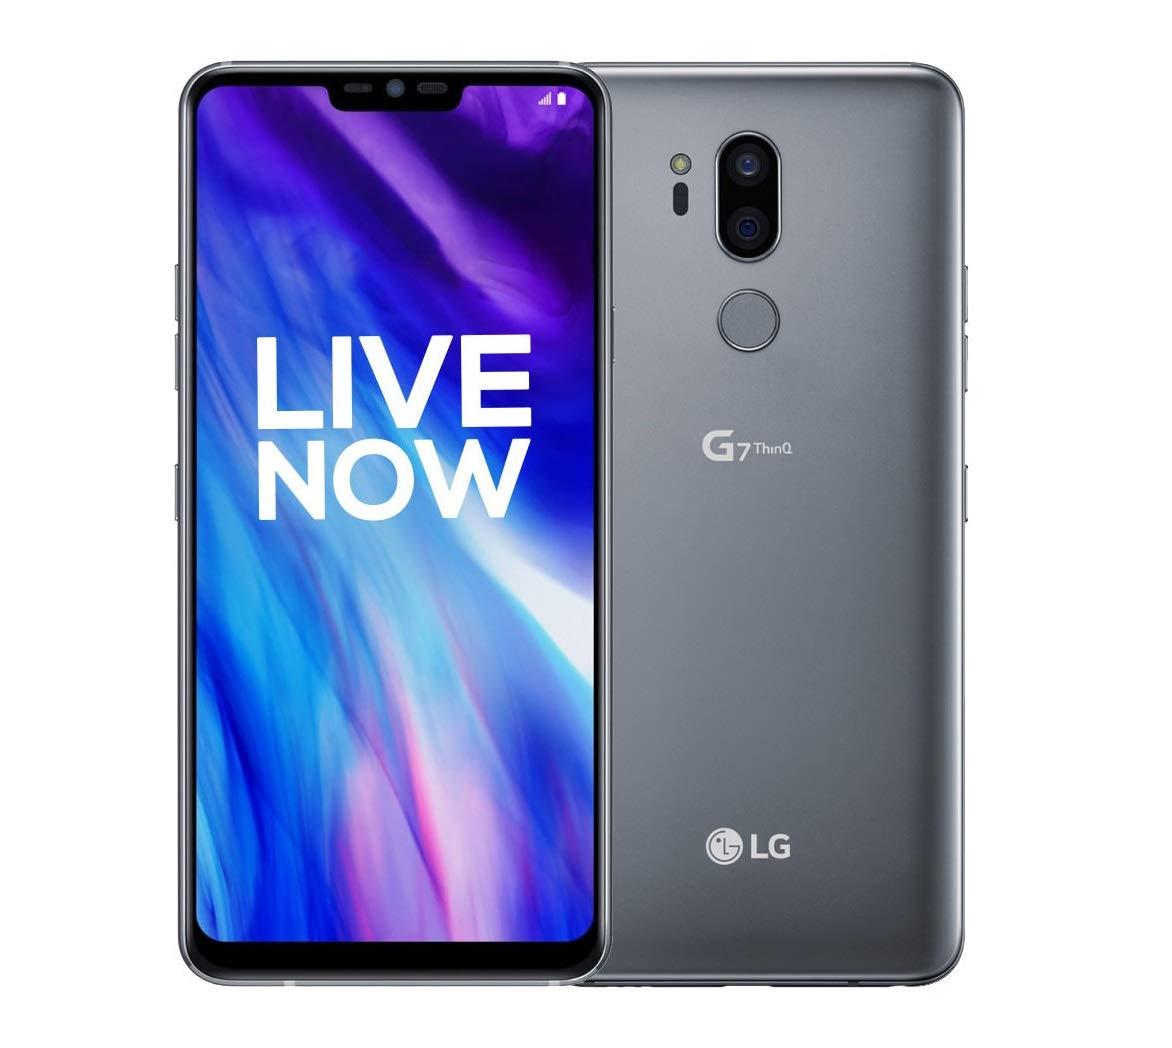 LG G7 ThinQ 4GB RAM, 64GB Platinum Grey